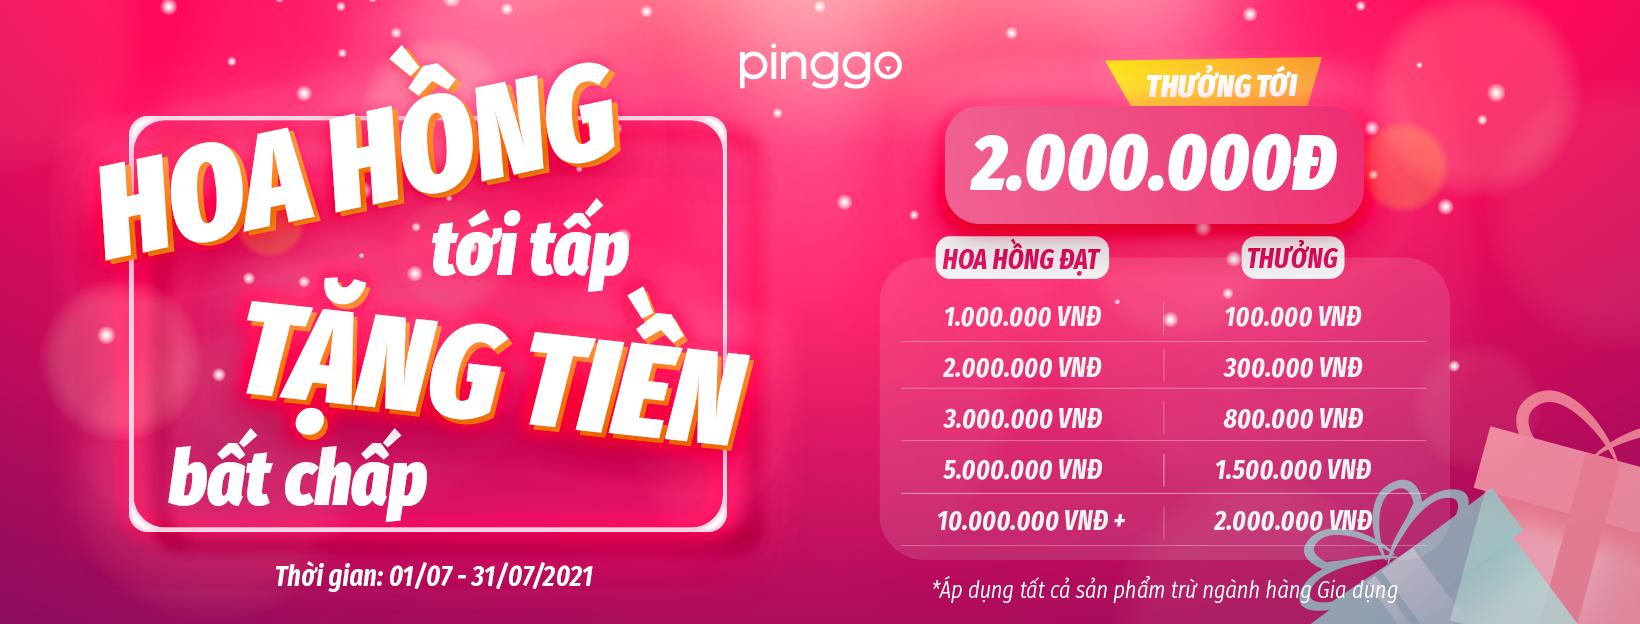 PingGo